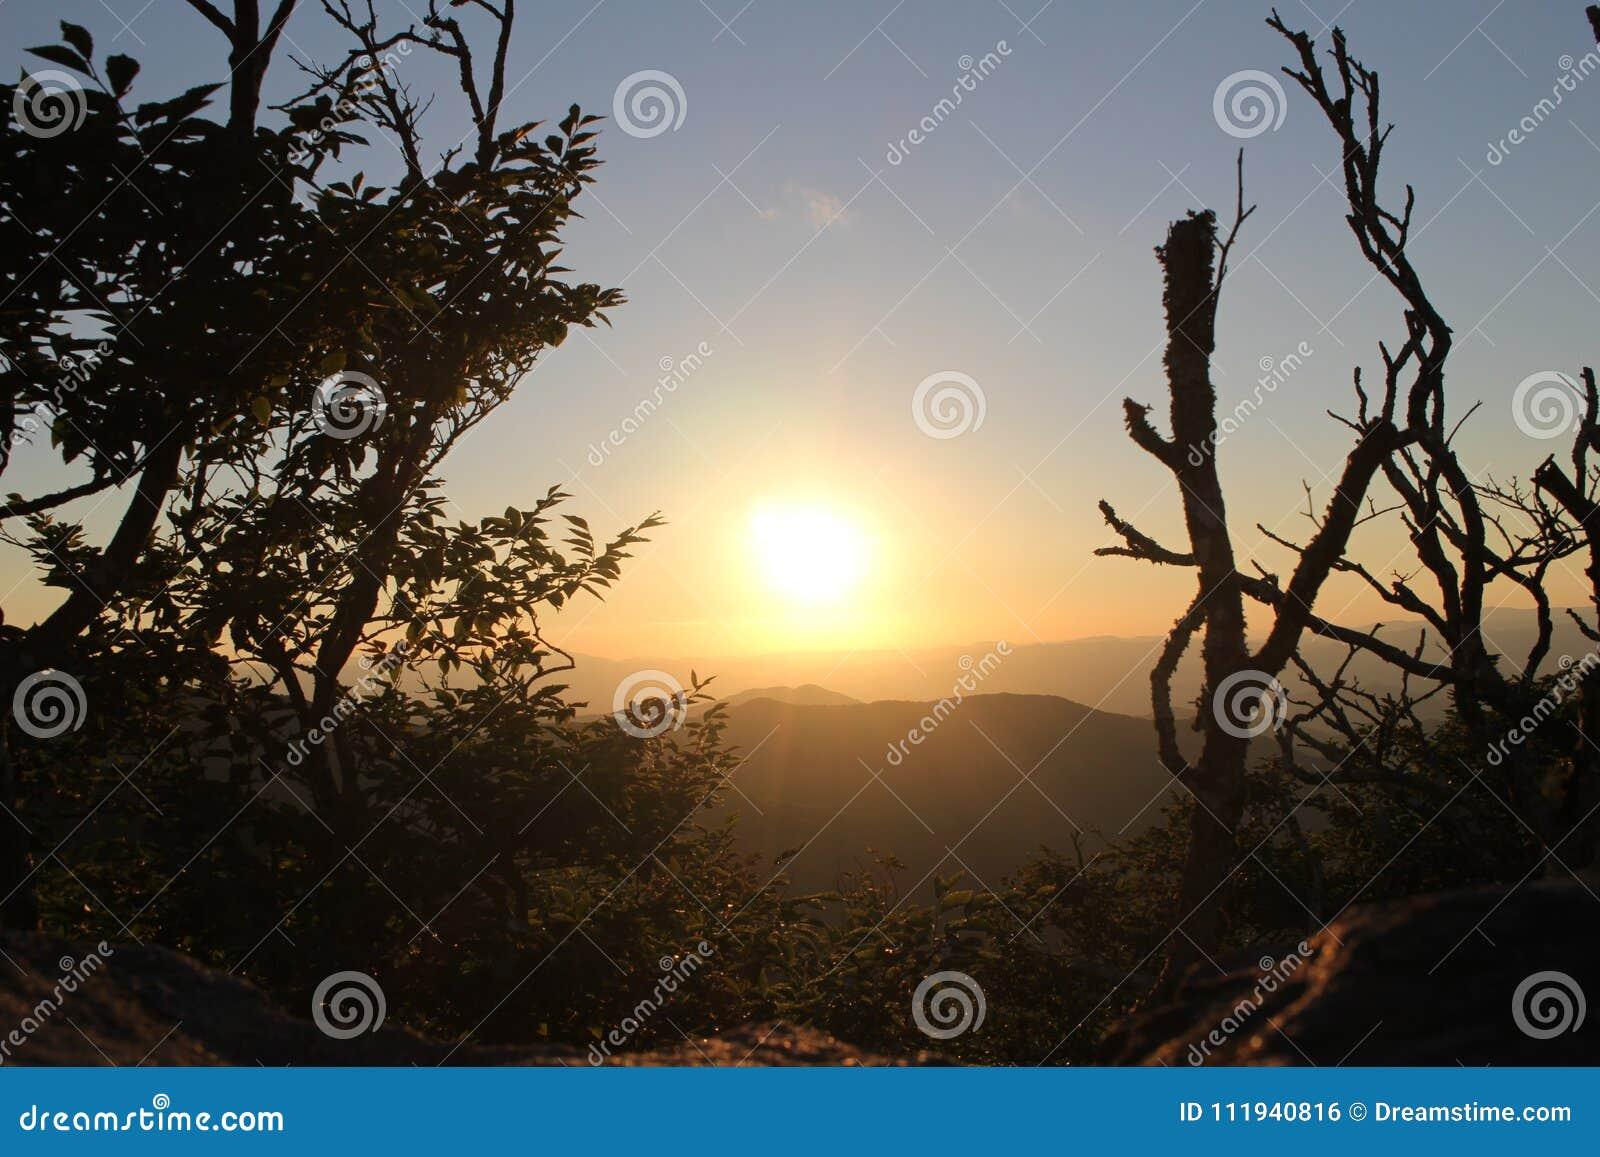 Położenia słońce osiąga szczyt przez drzew